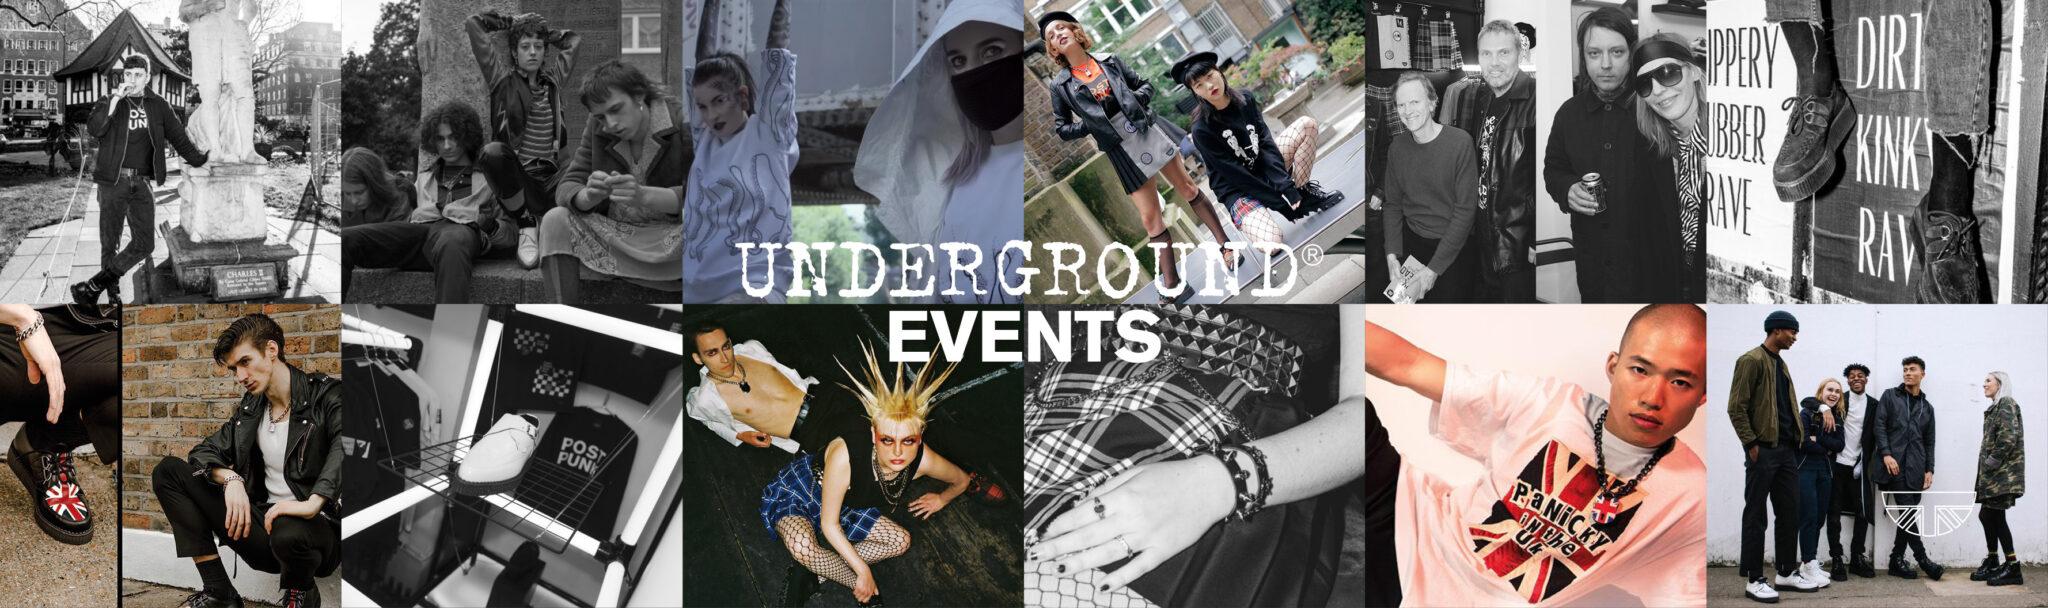 Underground events banner - British subculture